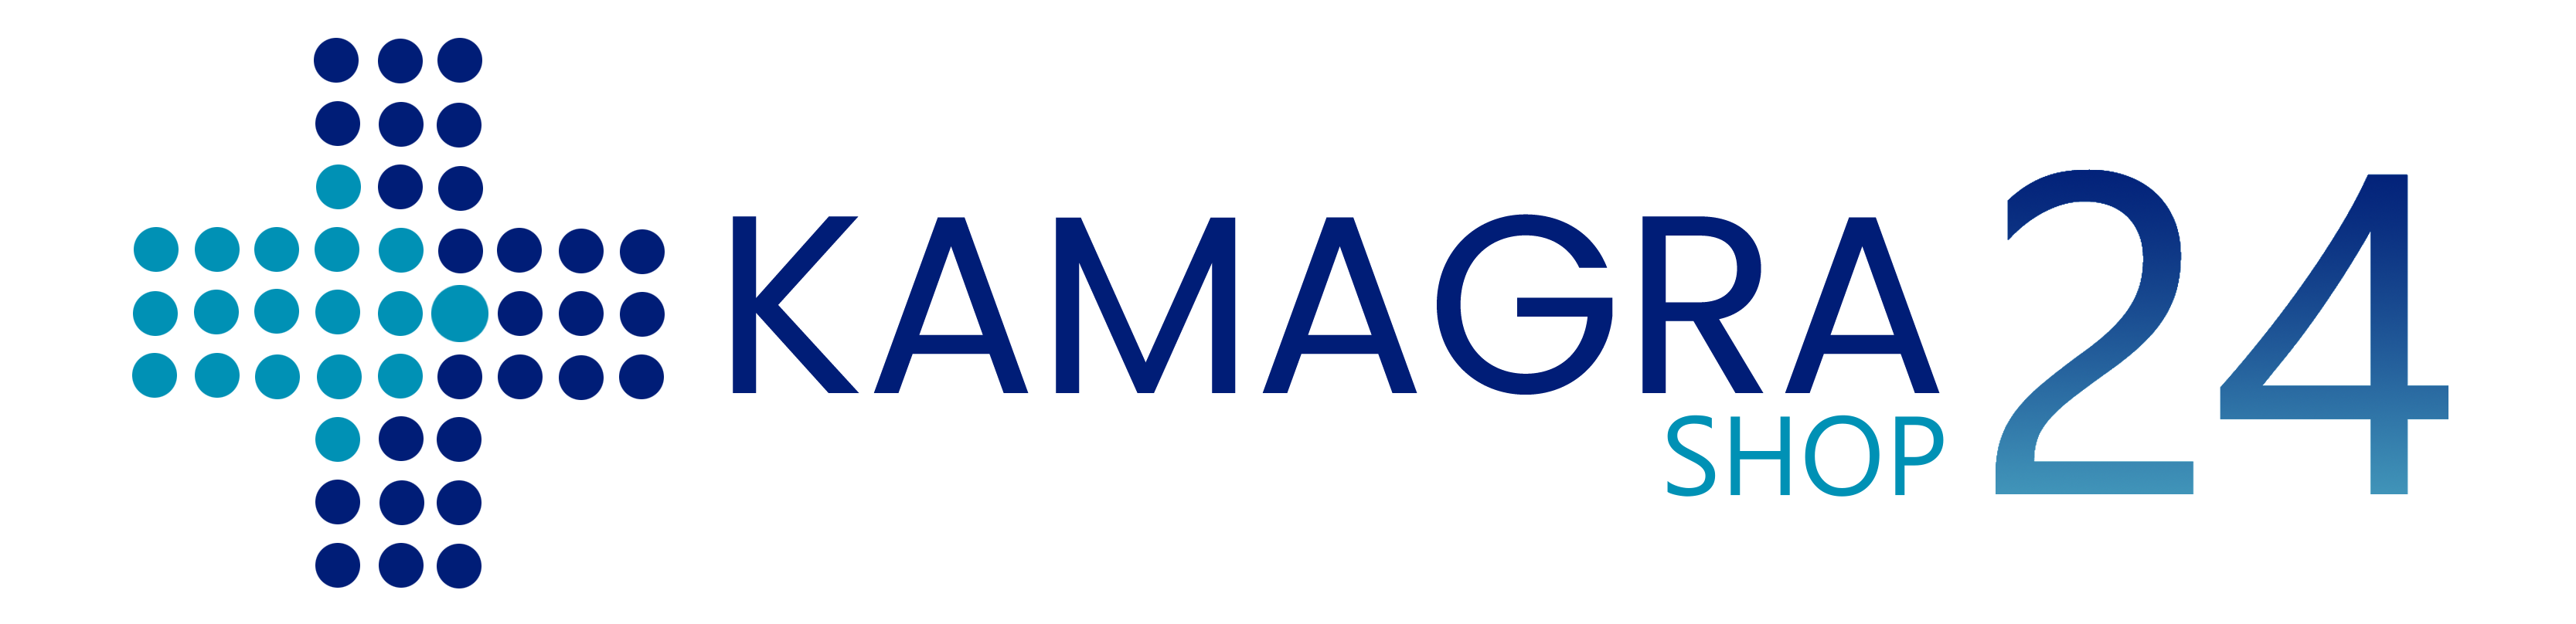 KamagraShop24